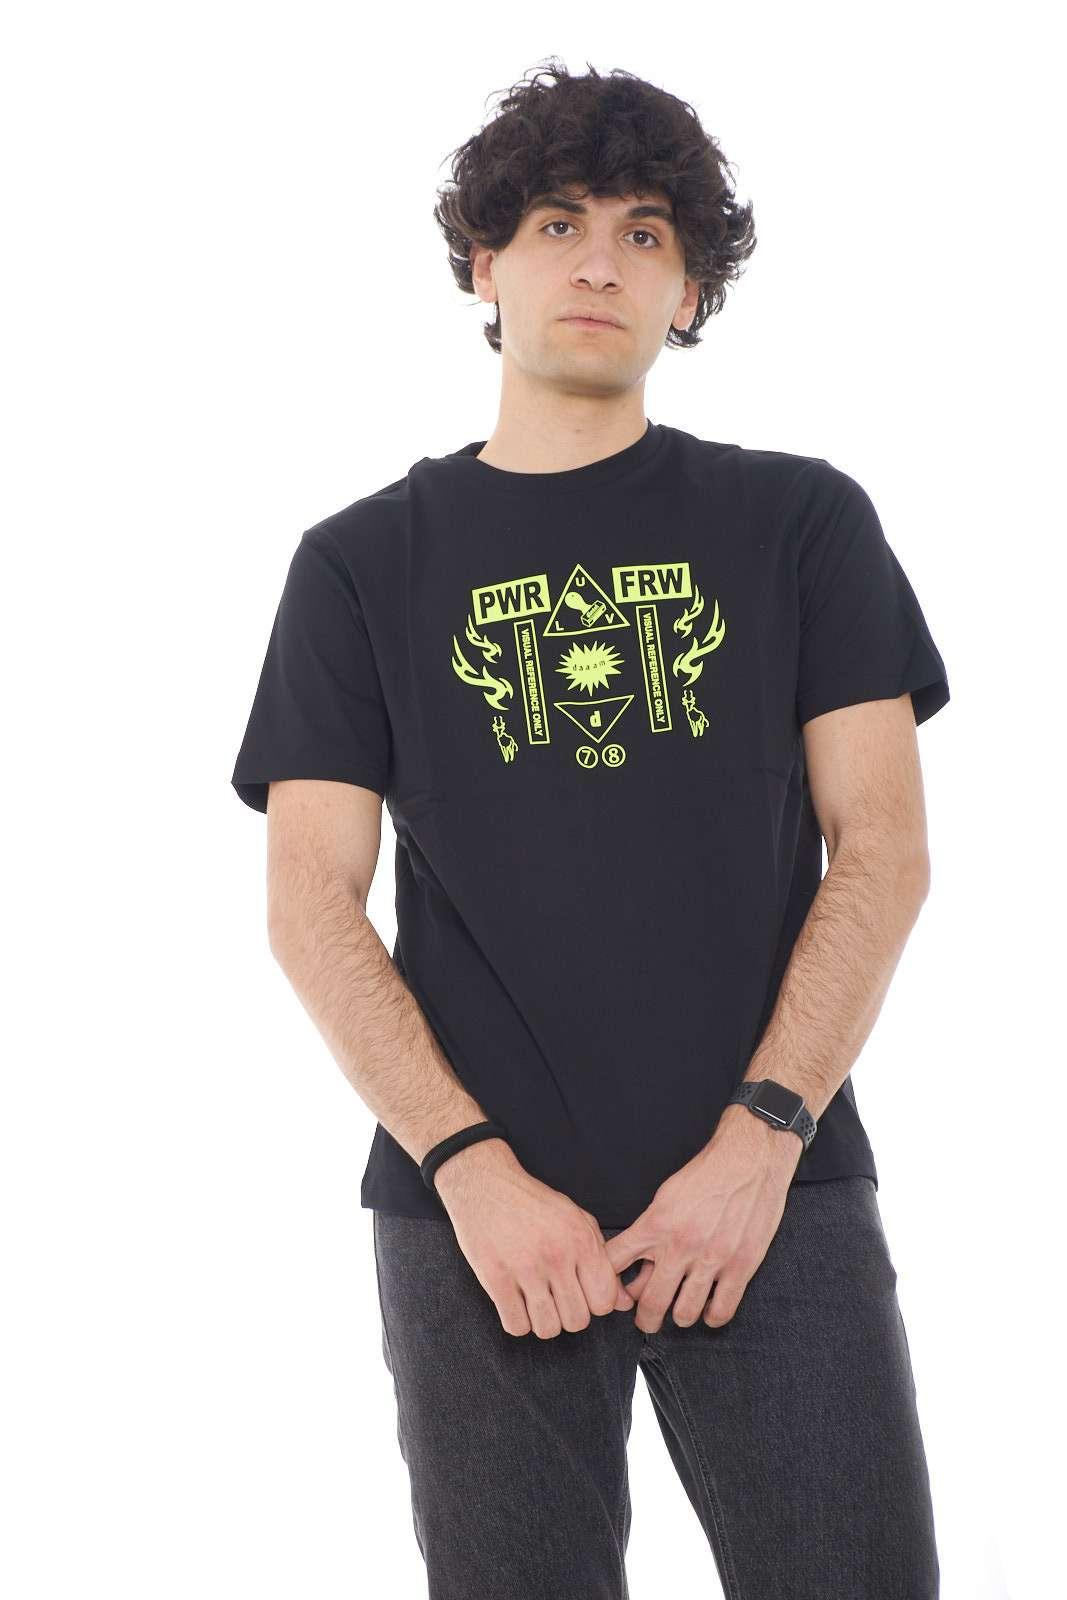 Una t shirt con stampa fluo quella proposta dalla collezione Diesel. Semplice e curata nei minimi dettagli per renderla ancora più bella. Da abbinare ad un jeans o un bermuda è perfetta.